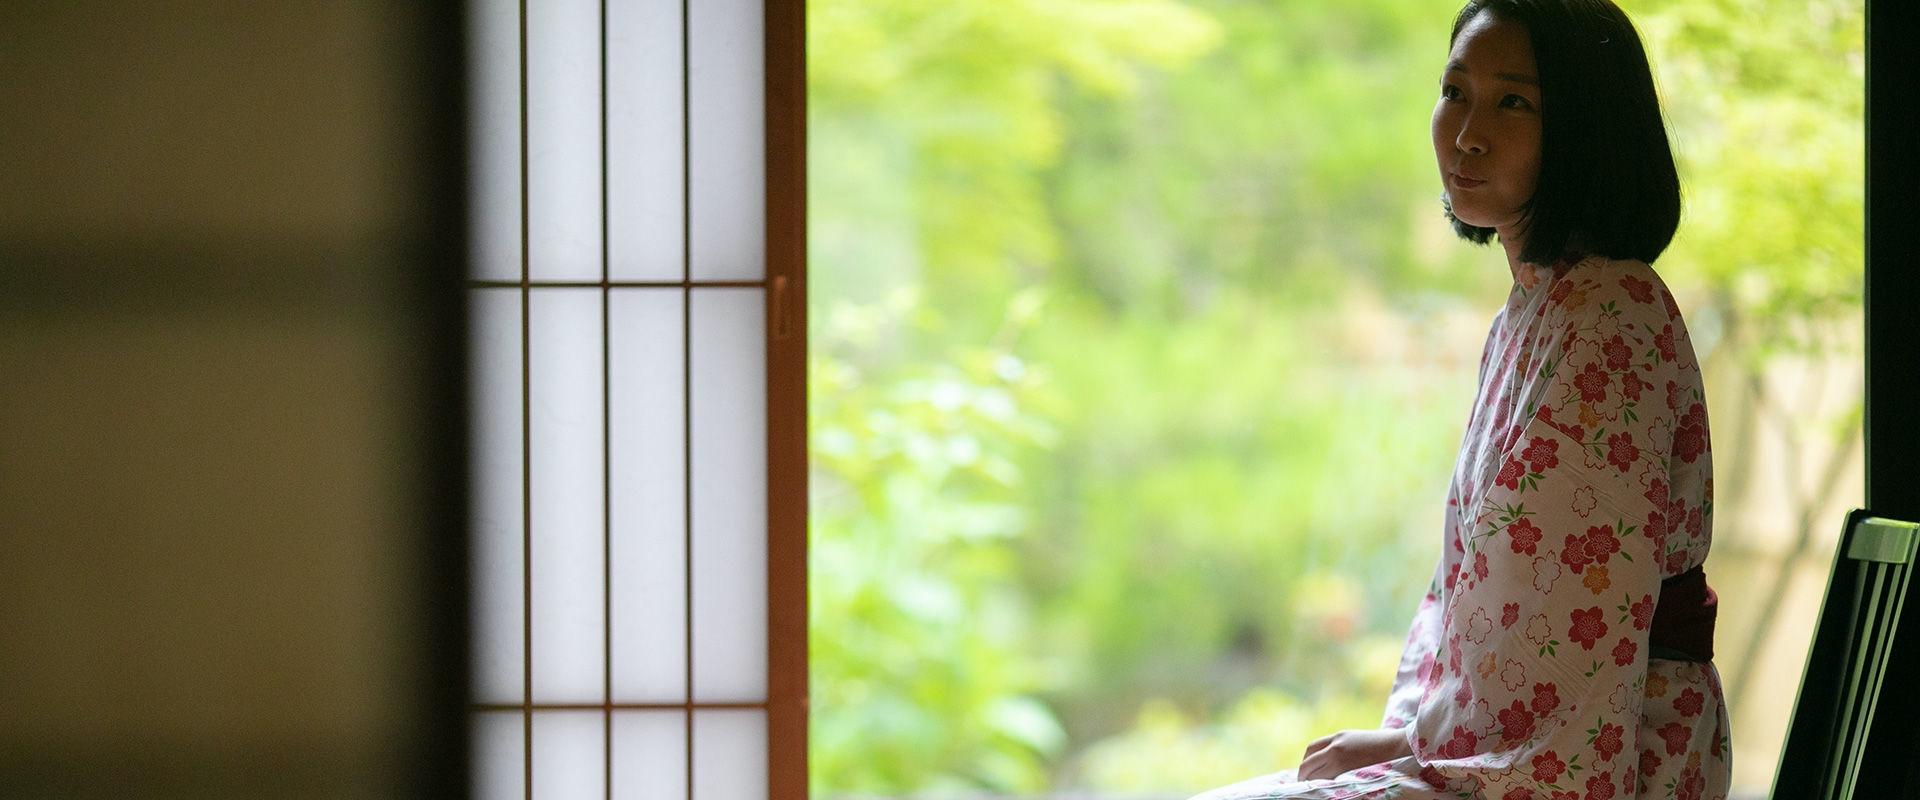 びわ湖花街道 客室イメージ